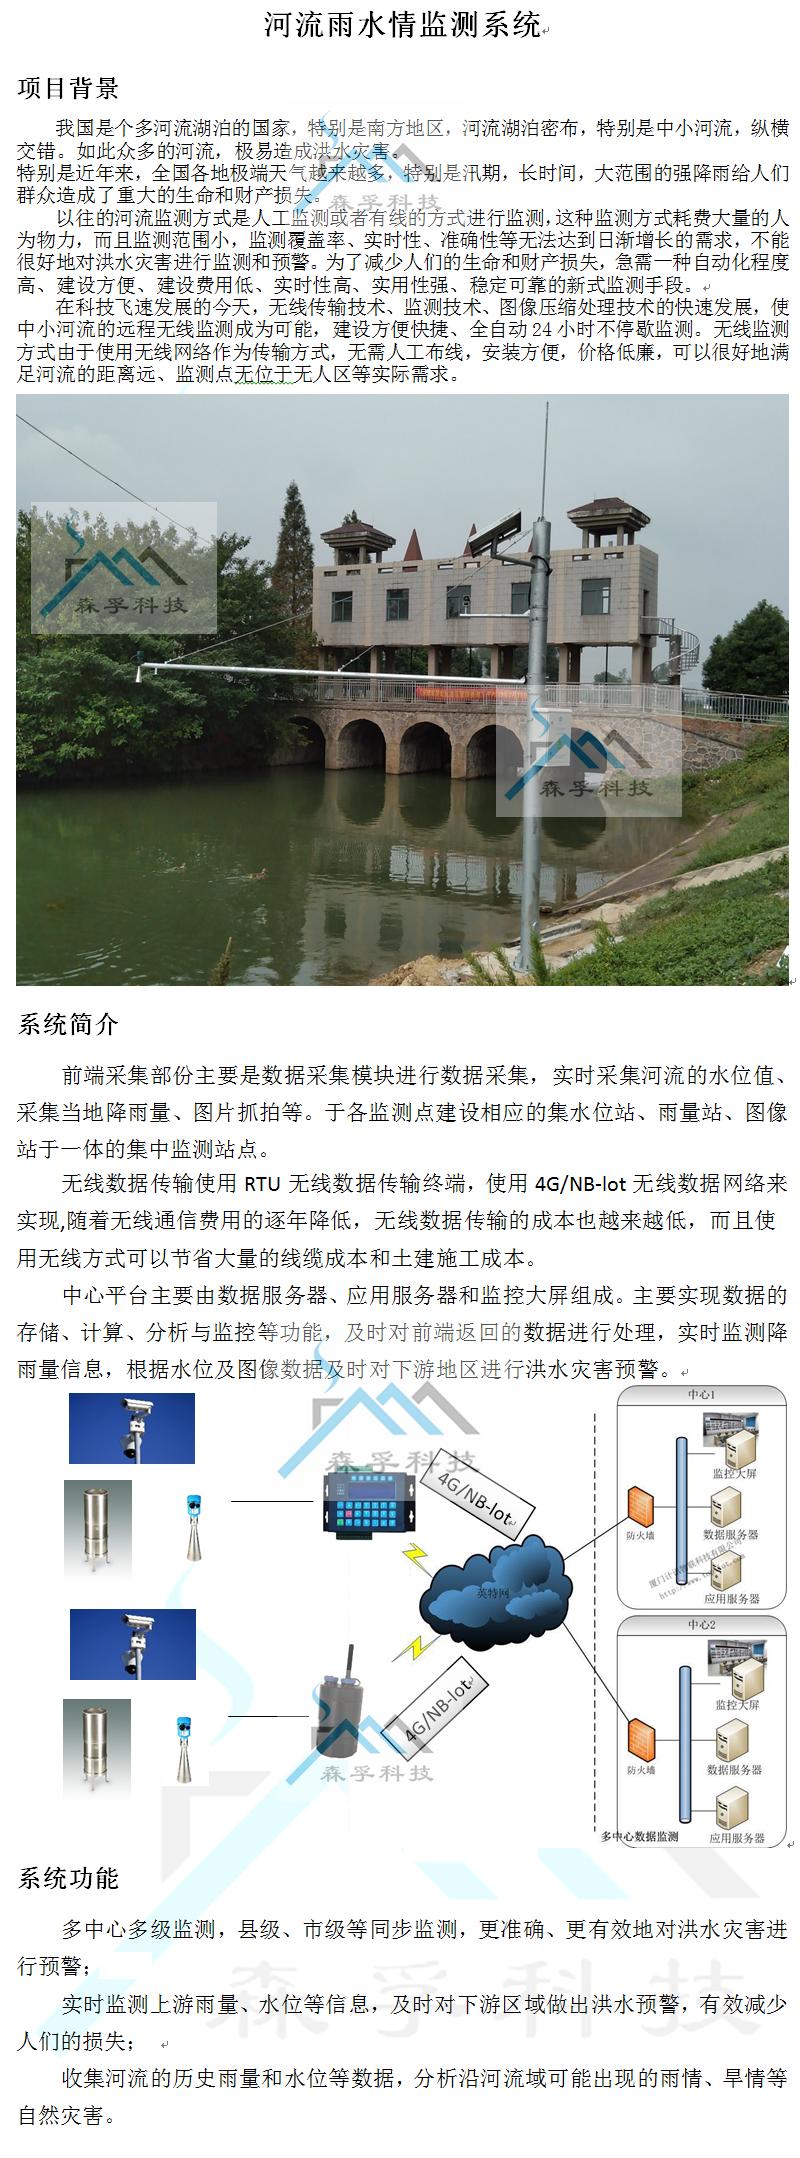 河流雨水情监测系统